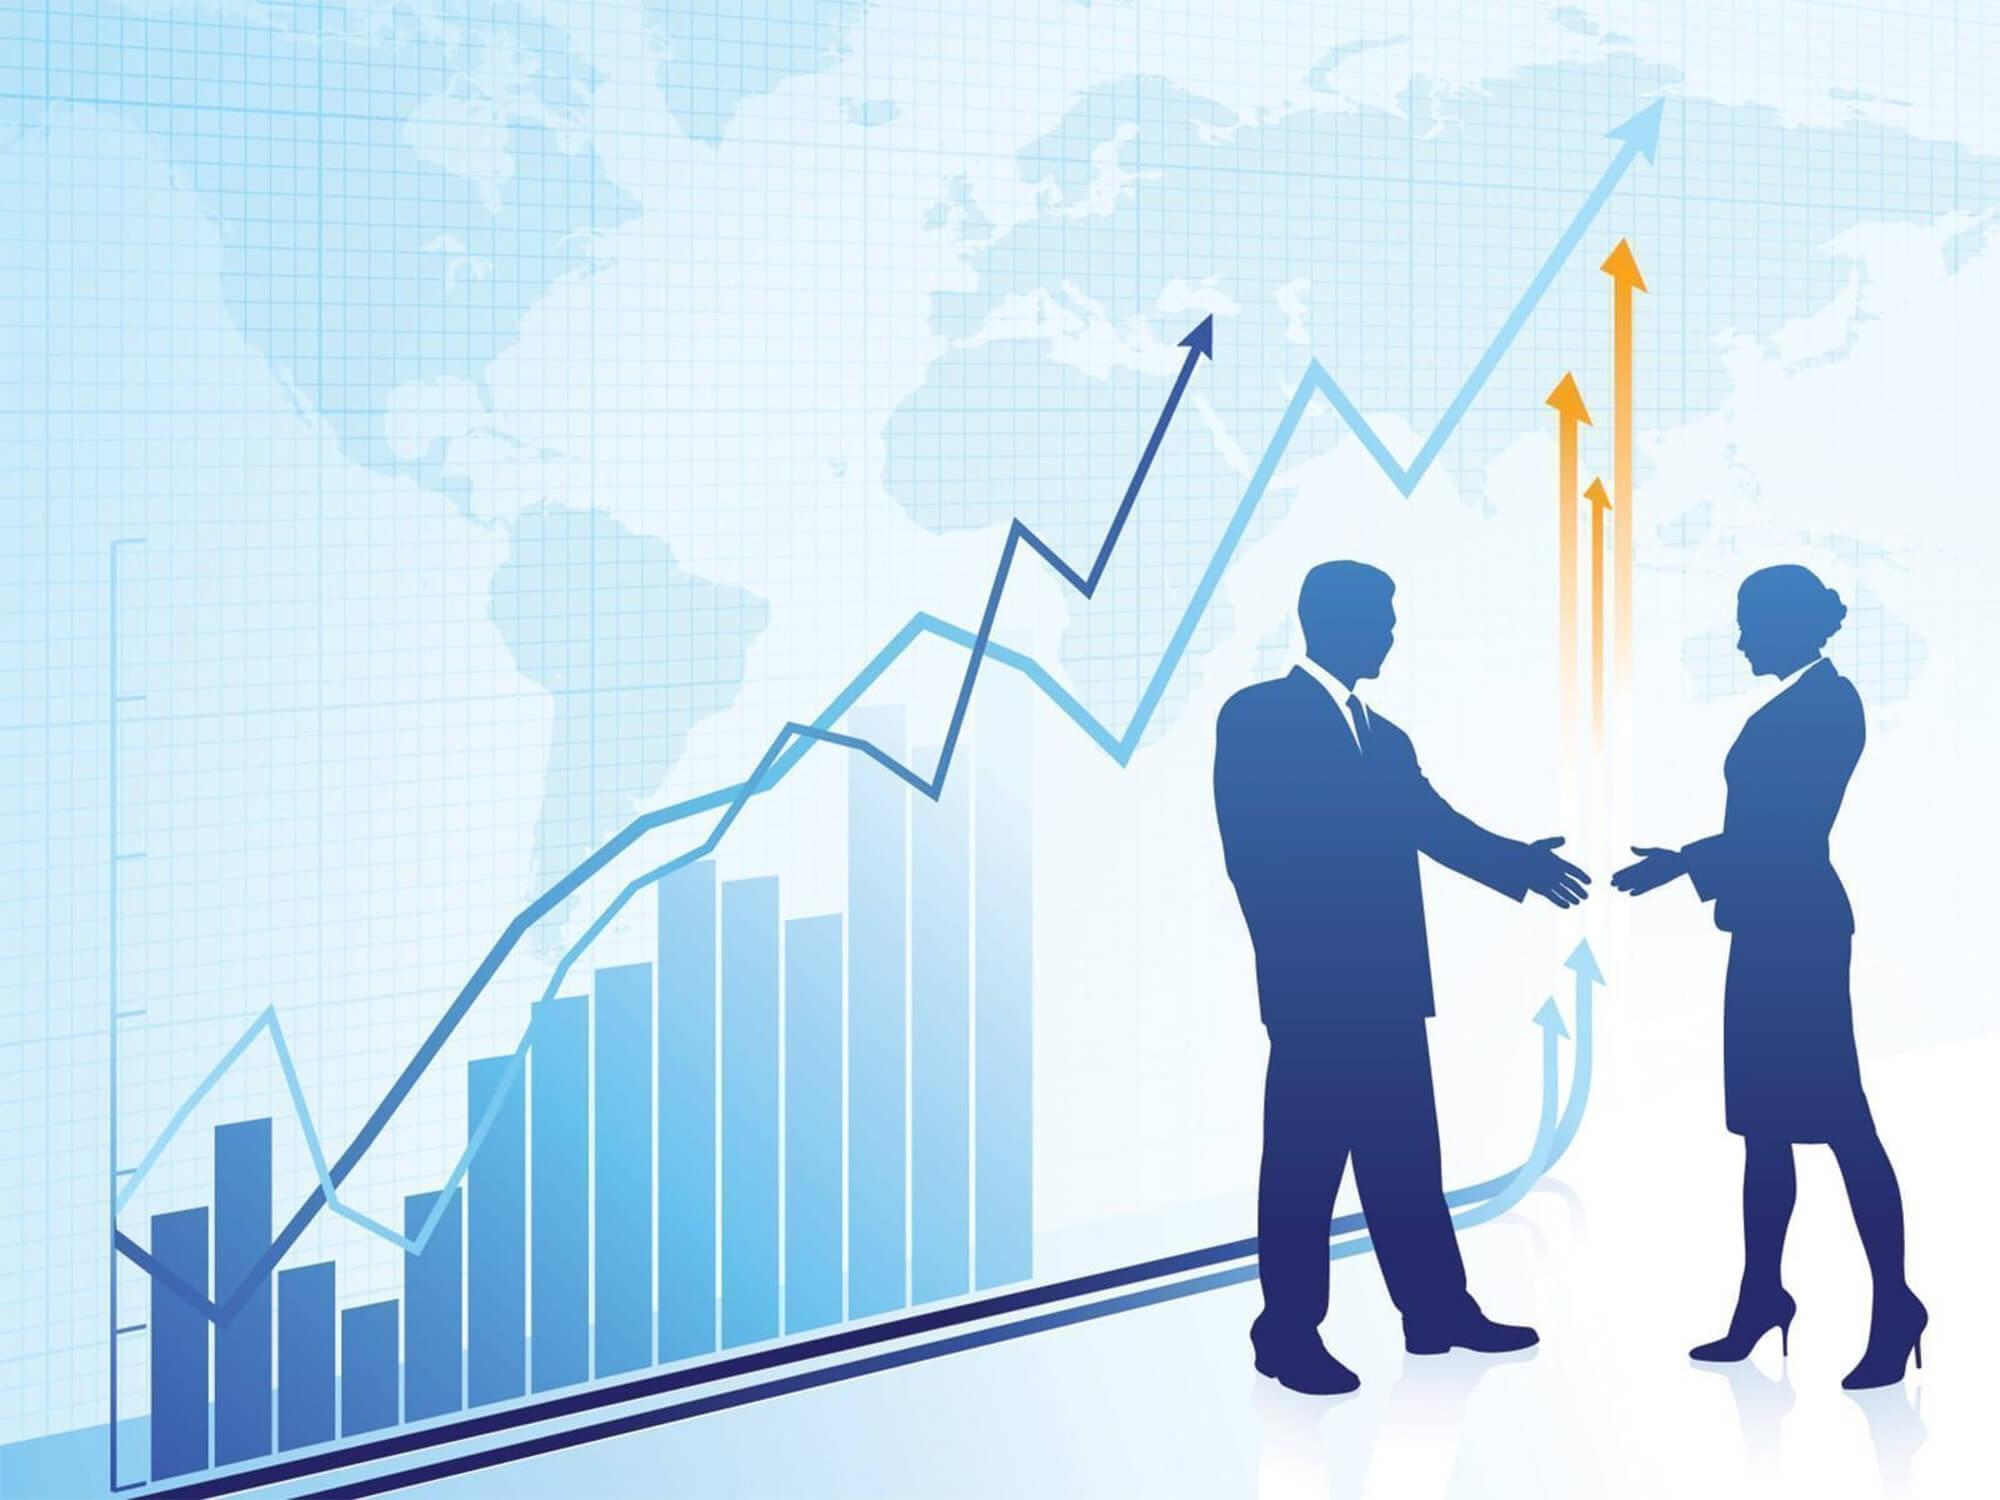 Hình nền Powerpoint kinh tế ngoại thương